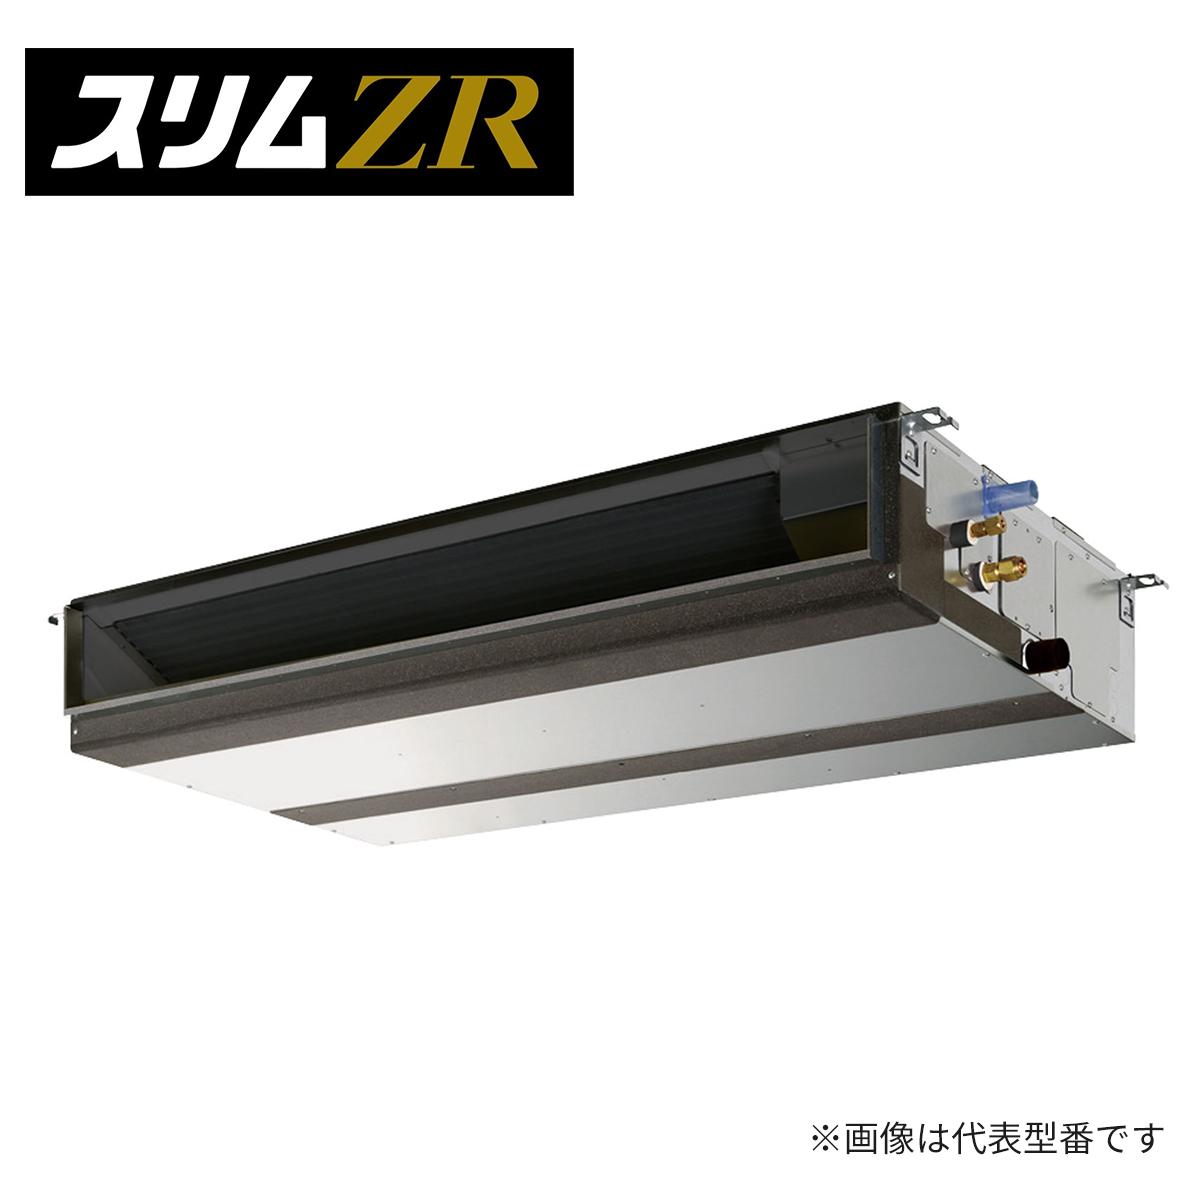 ###三菱 業務用エアコン【PEZ-ZRMP80SDR】スリムZR 天井埋込形 標準シングル 単相200V 3馬力